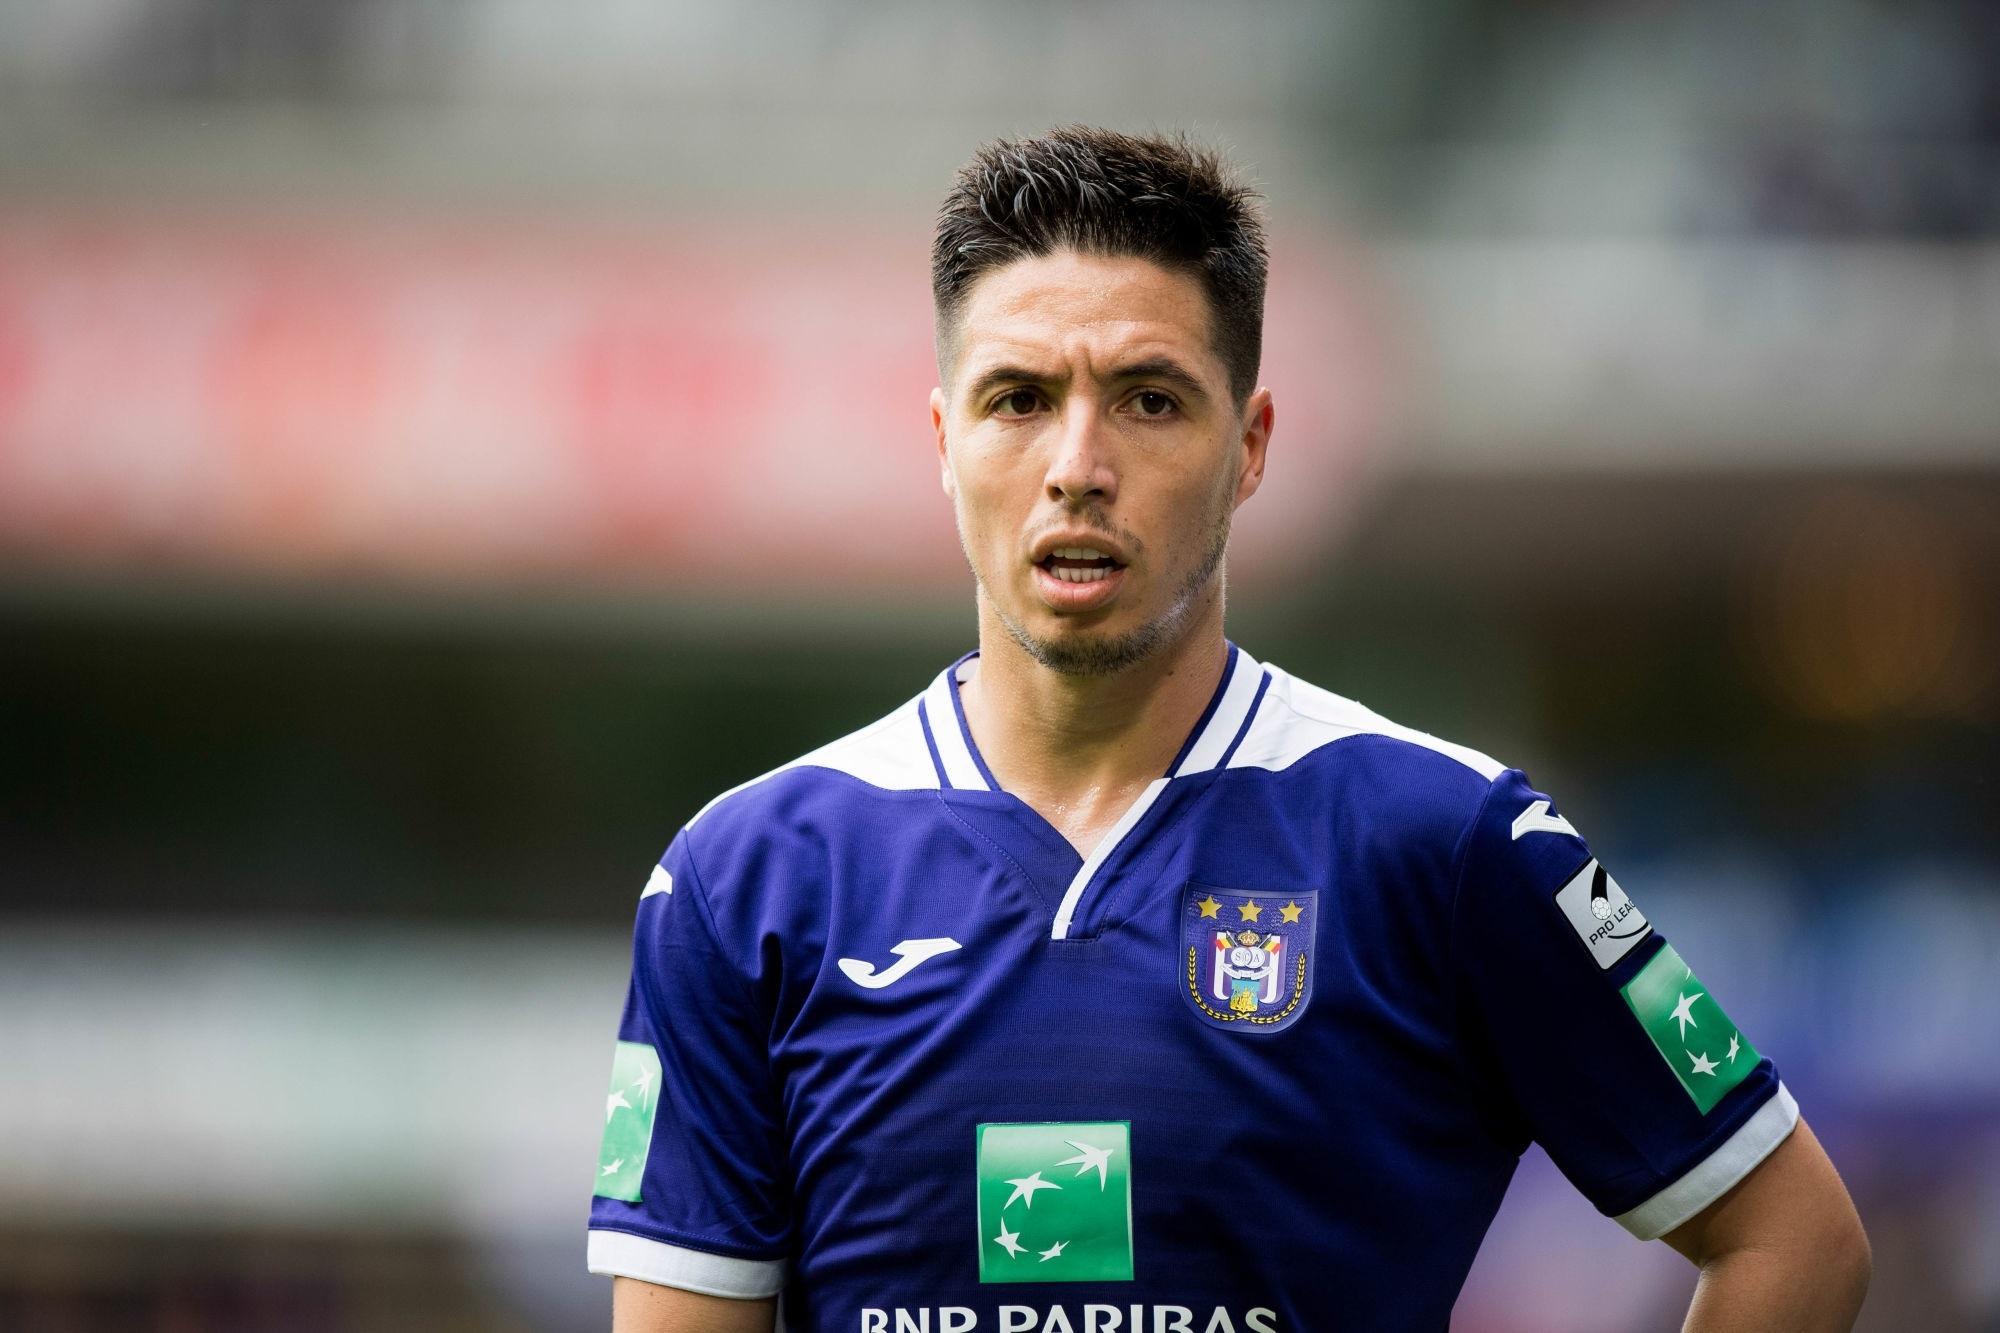 """Nasri explique la rechute du PSG """"Jouer Rennes c'est un peu moins glamour que Manchester City"""""""